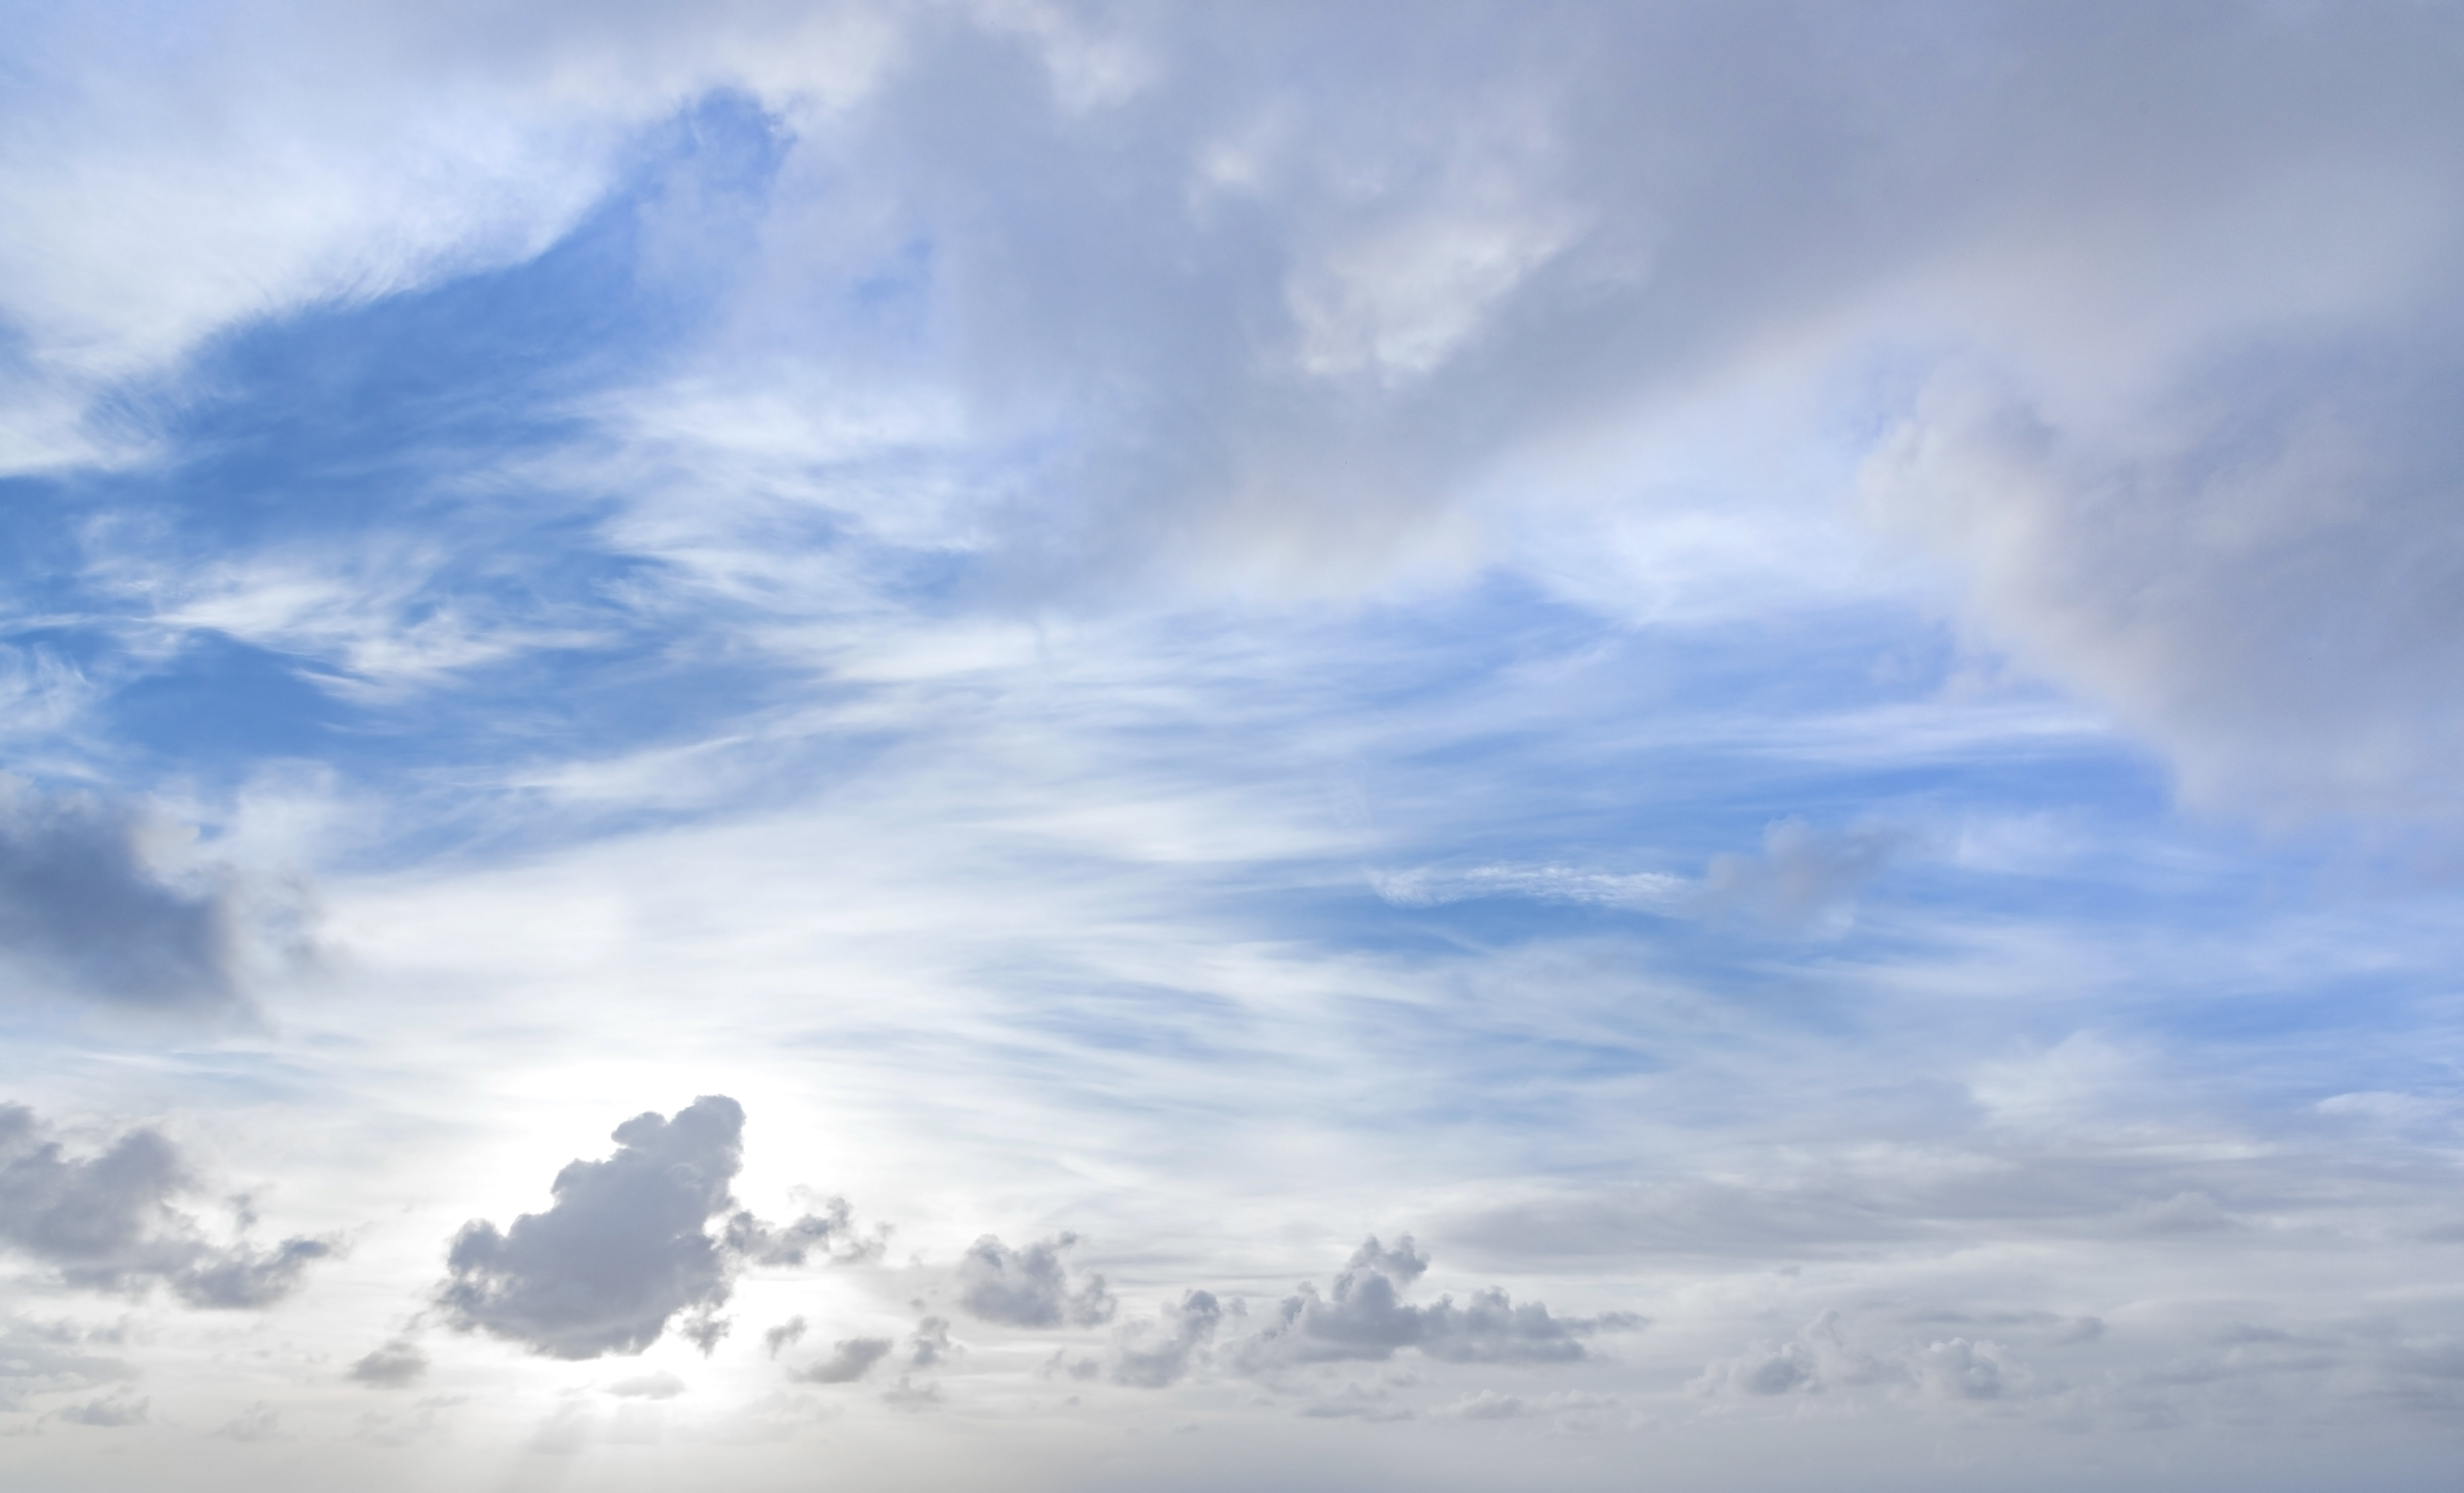 Ảnh lưu trữ miễn phí về ánh sáng ban ngày, bầu trời, không khí, nắng